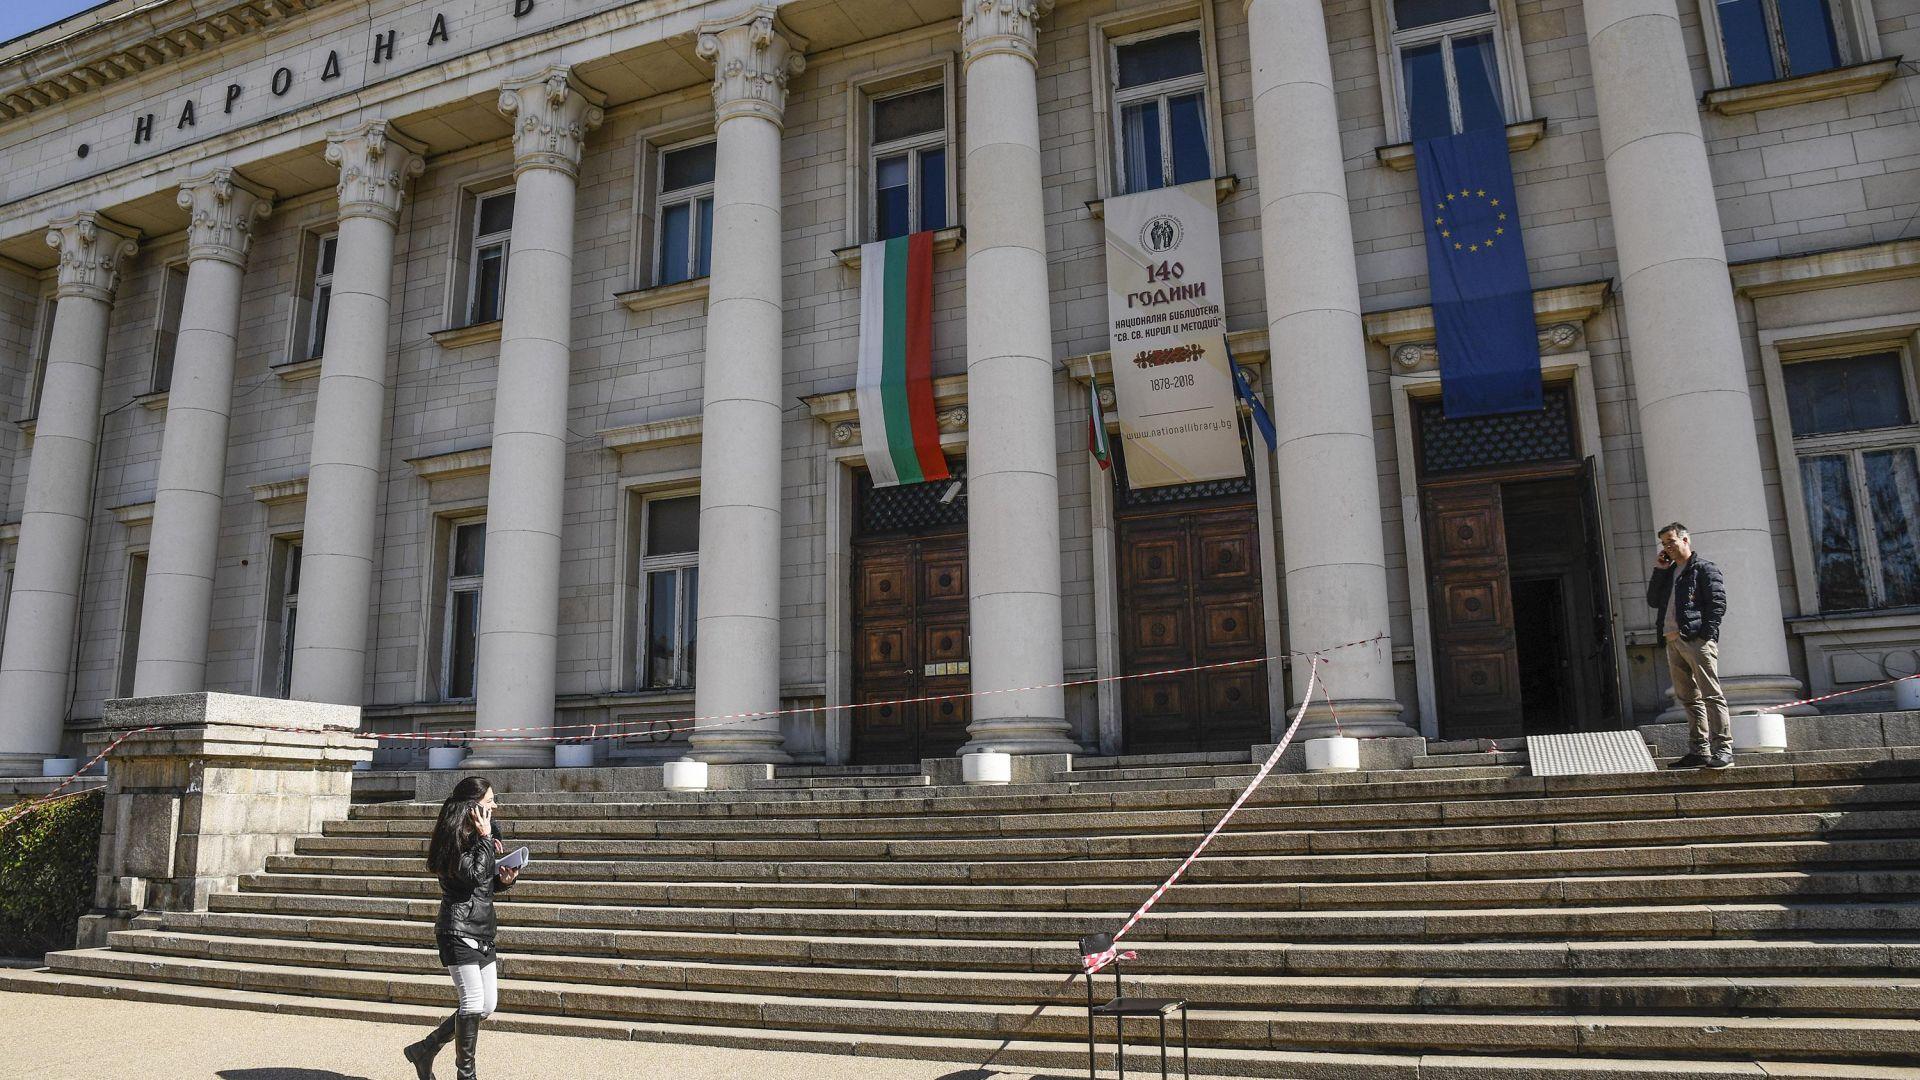 Отпуснаха половин милион за покрива на Националната библиотека